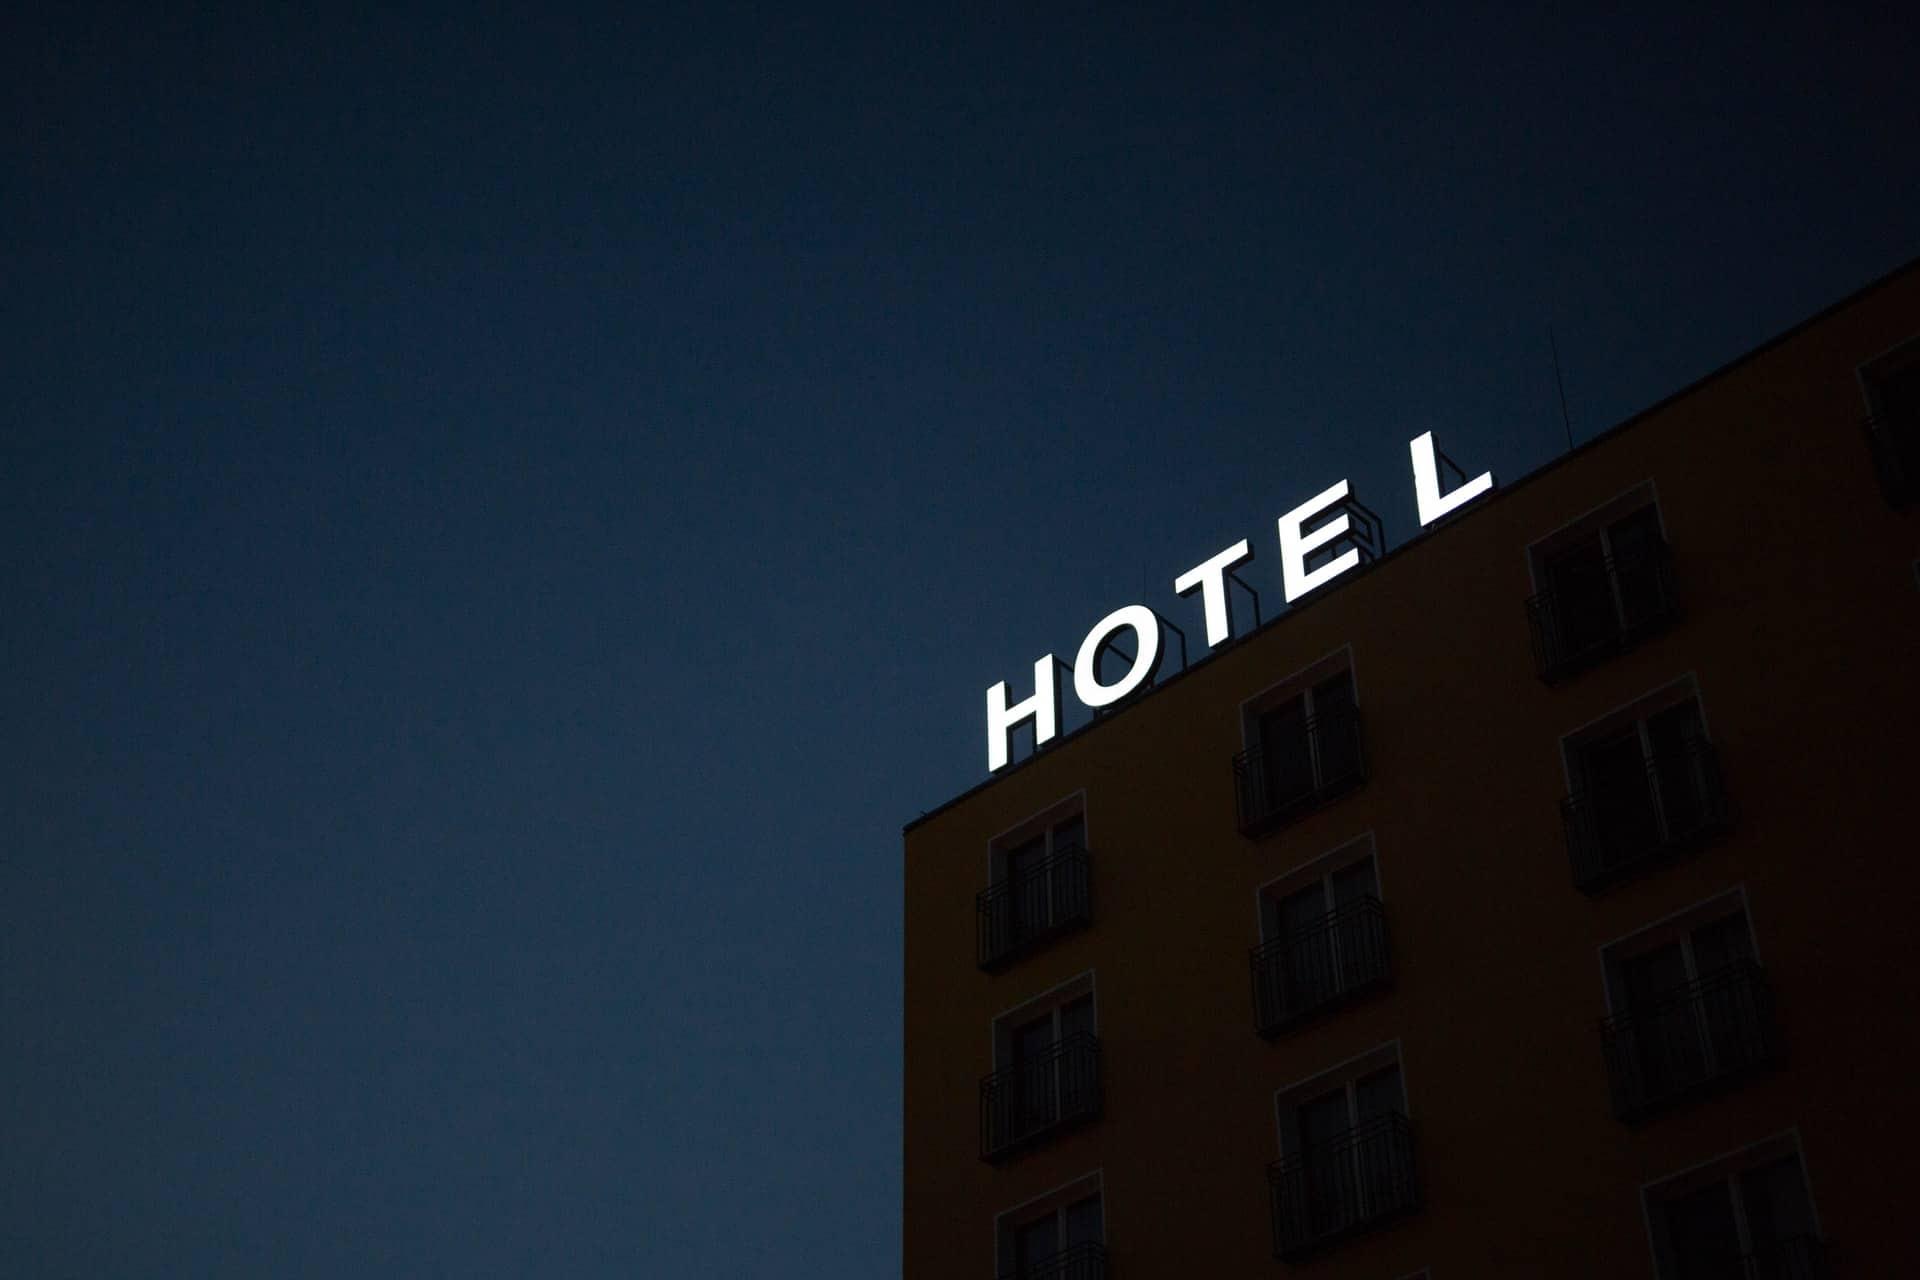 Nowe inwestycje hotelowe – jak wygląda sytuacja?